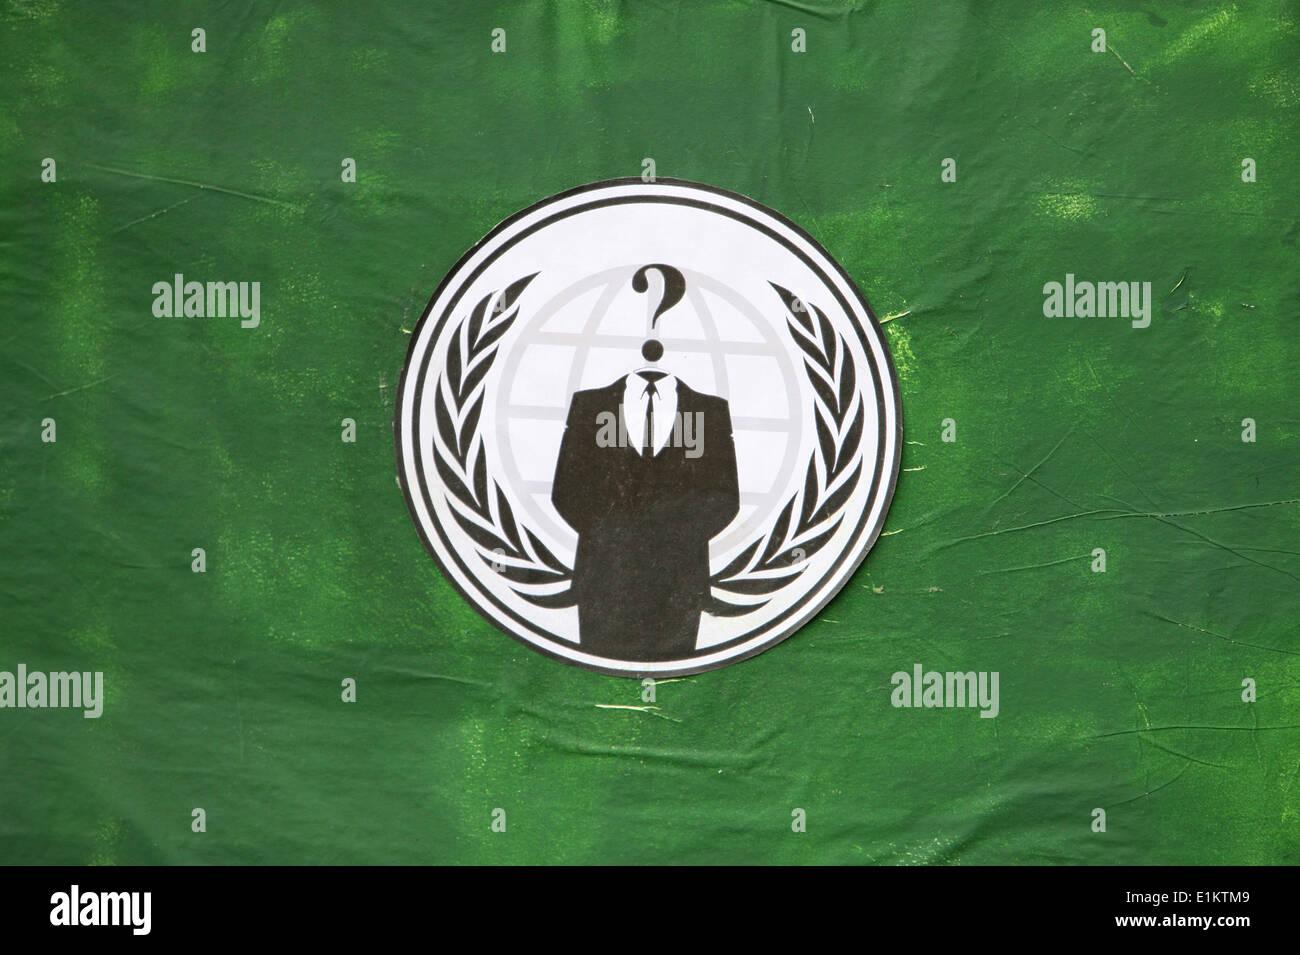 Un flag il convogliamento di simbolismo associato con l'anonimo. Le immagini del 'suit senza una testa' rappresenta leaderless organiz Immagini Stock